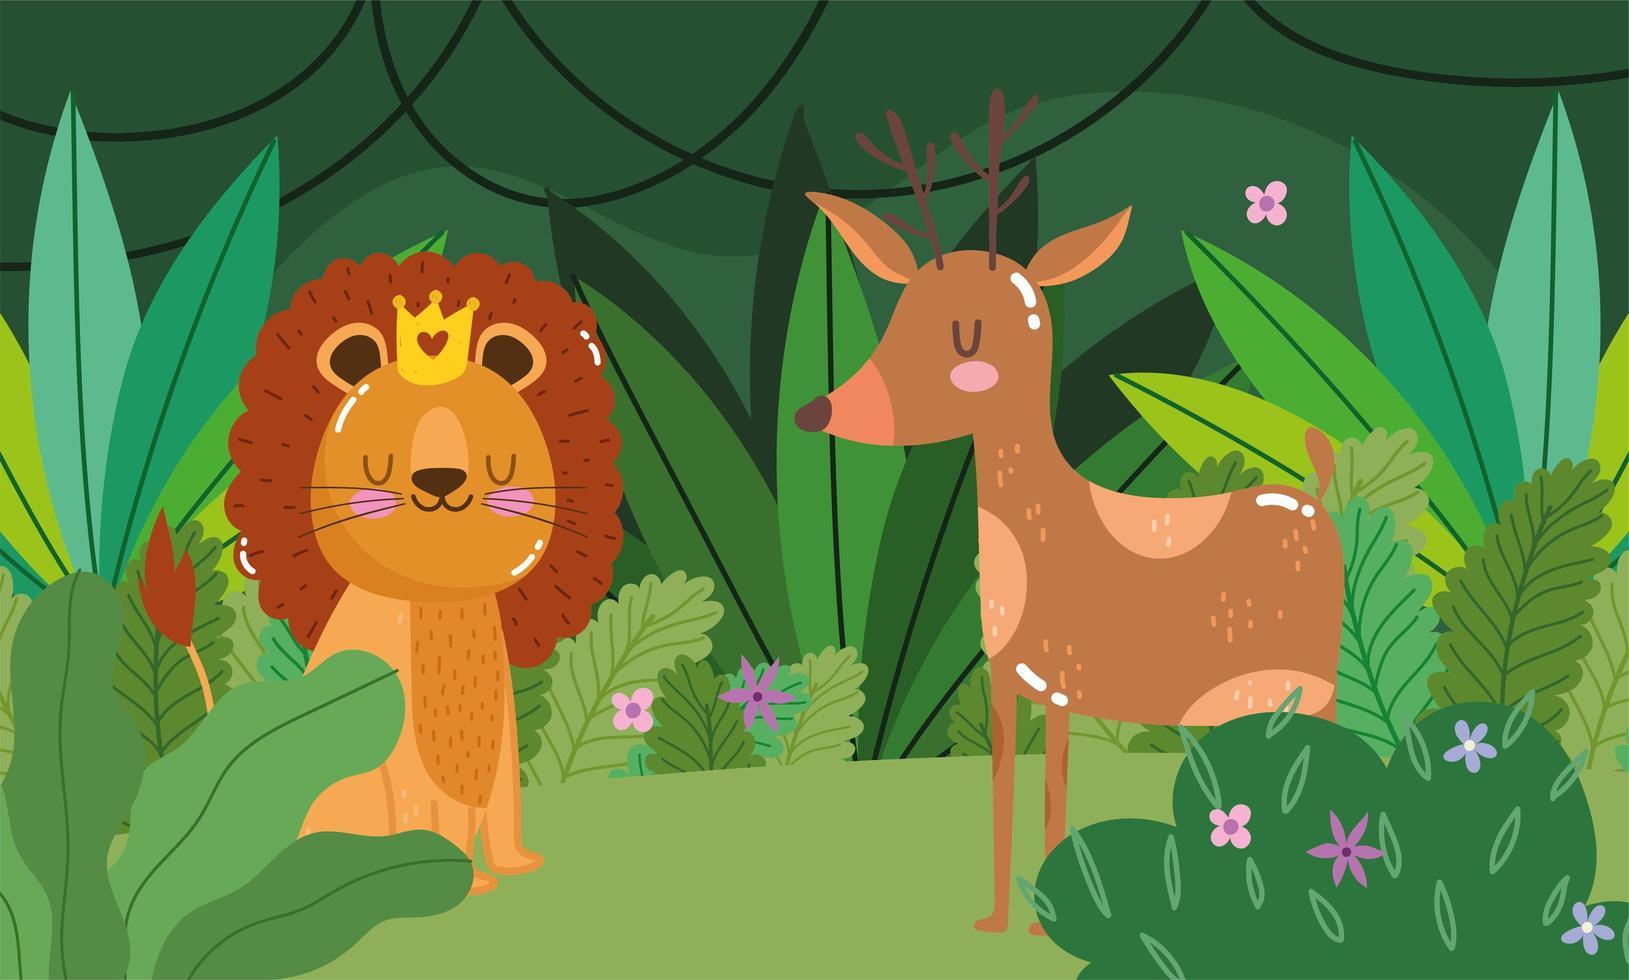 leão fofo com veado na floresta vetor